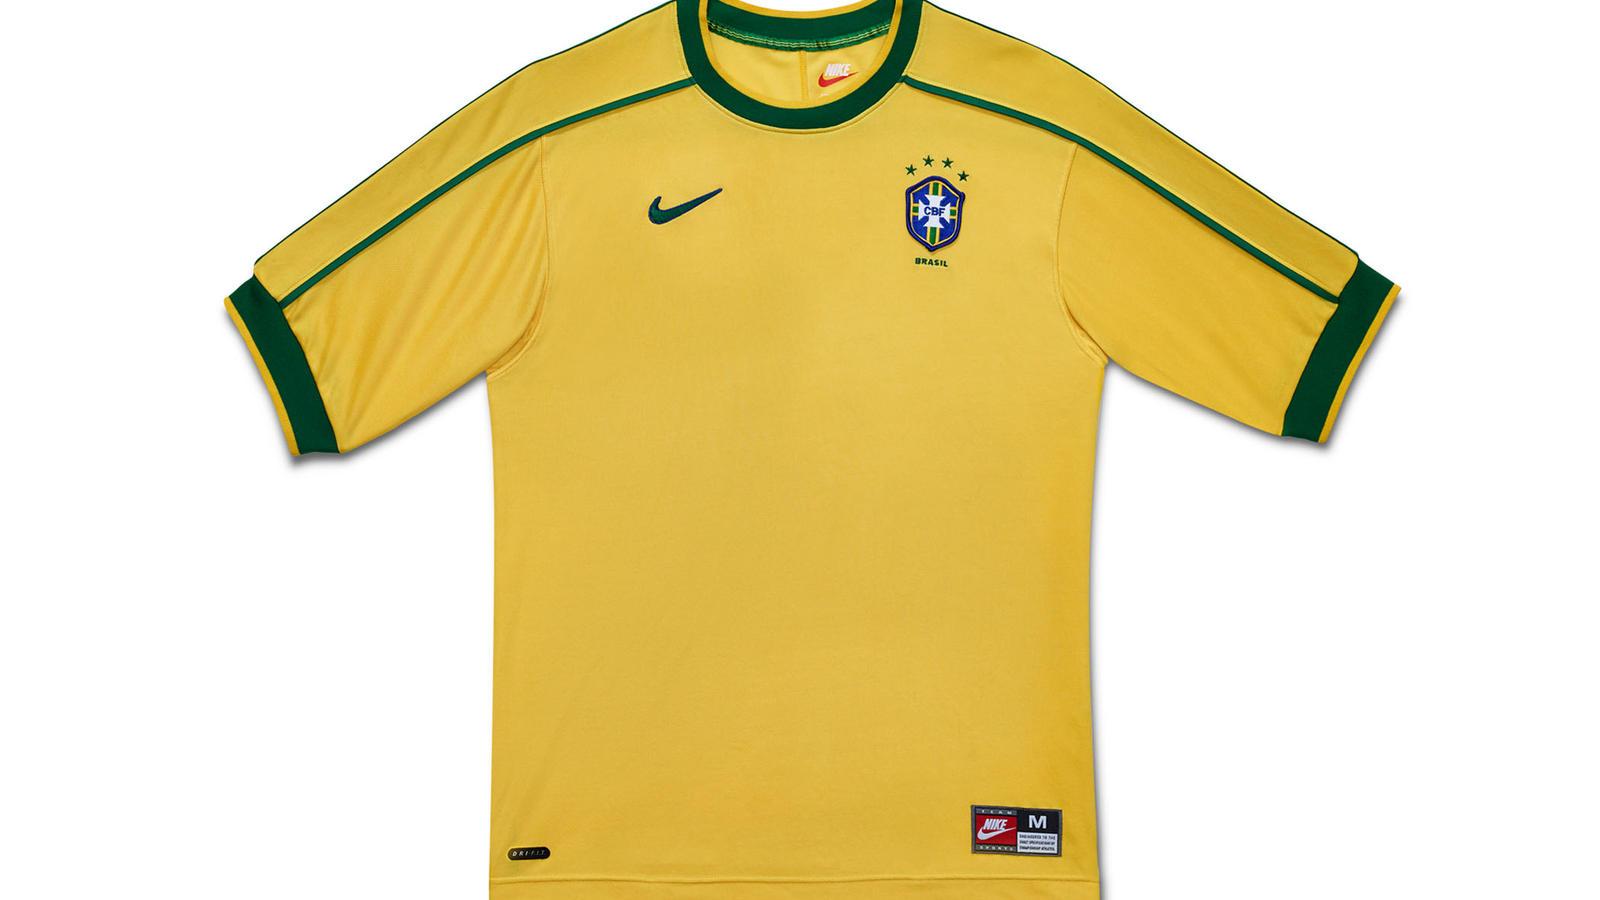 00347fcd34 nike-brasil-jersey-genome-1998. nike brasil jersey genome 2008.  nike brasil jersey genome 2014. nike brasil jersey genome 2011